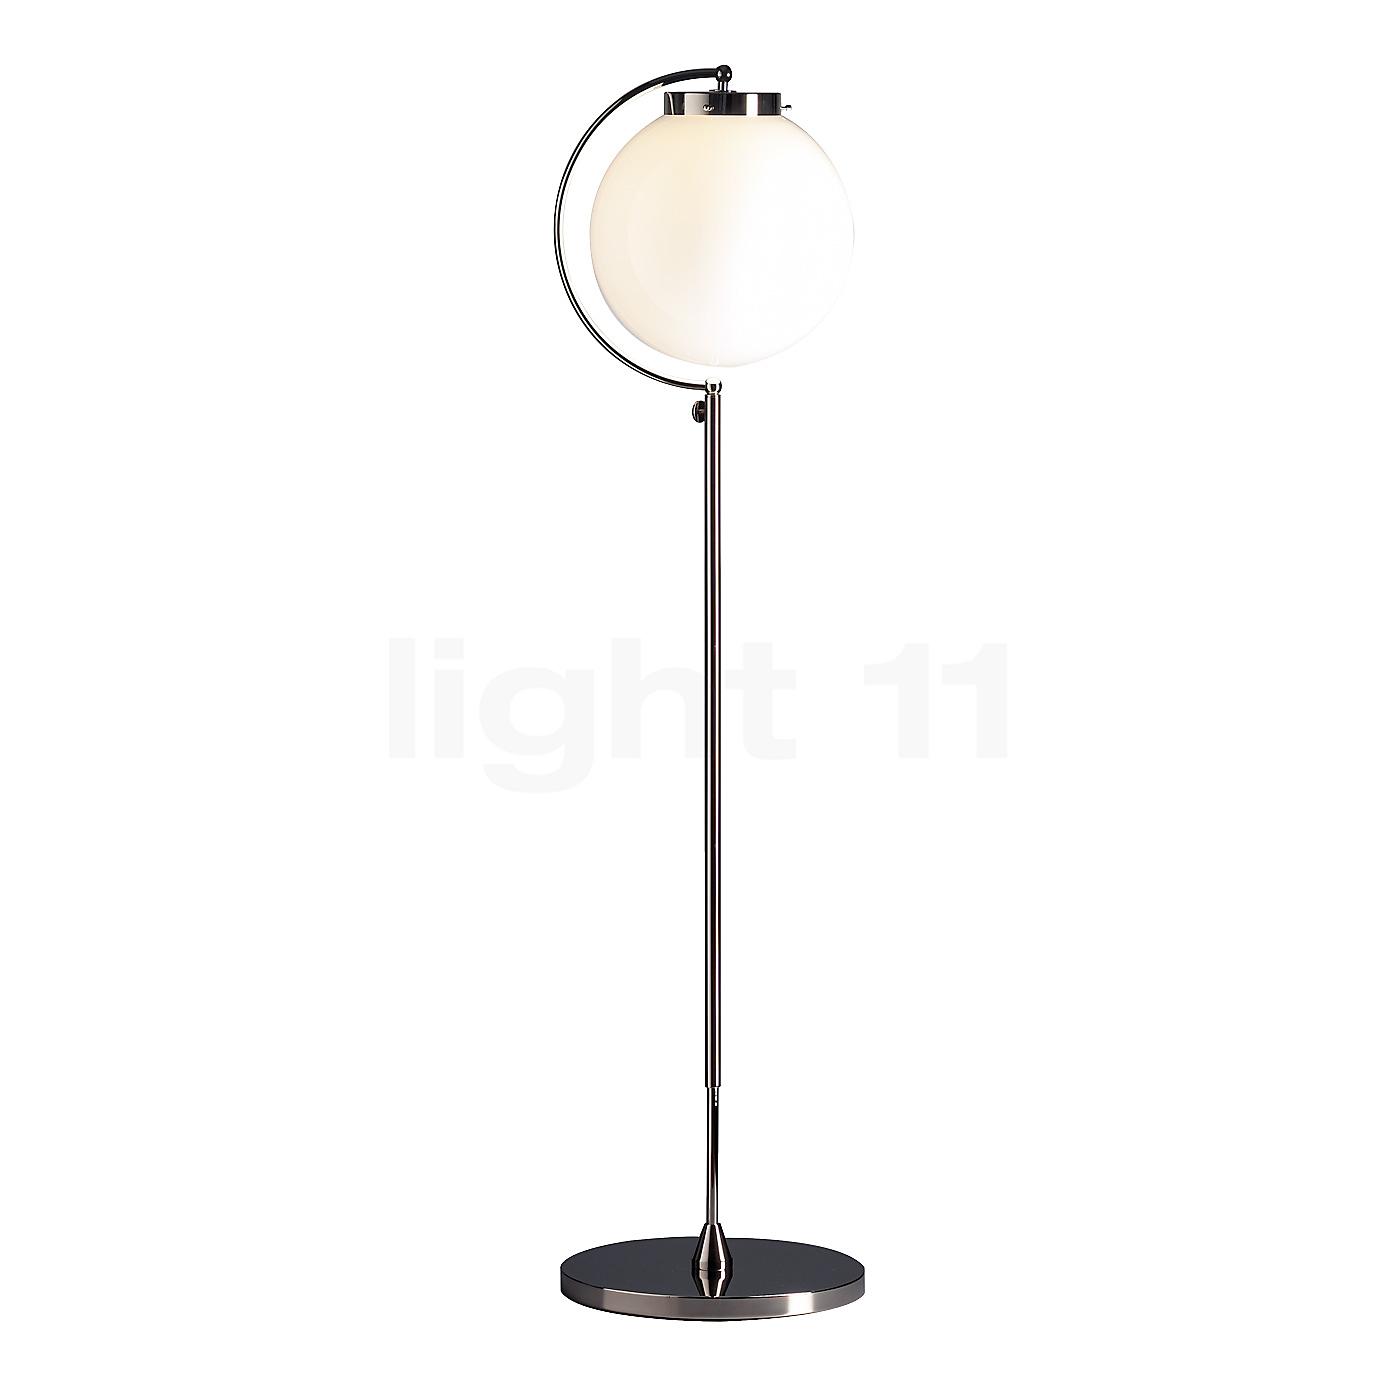 Tecnolumen Bauhaus Dsl 23 Floor Lamp Floor Lamps Lamps Lights